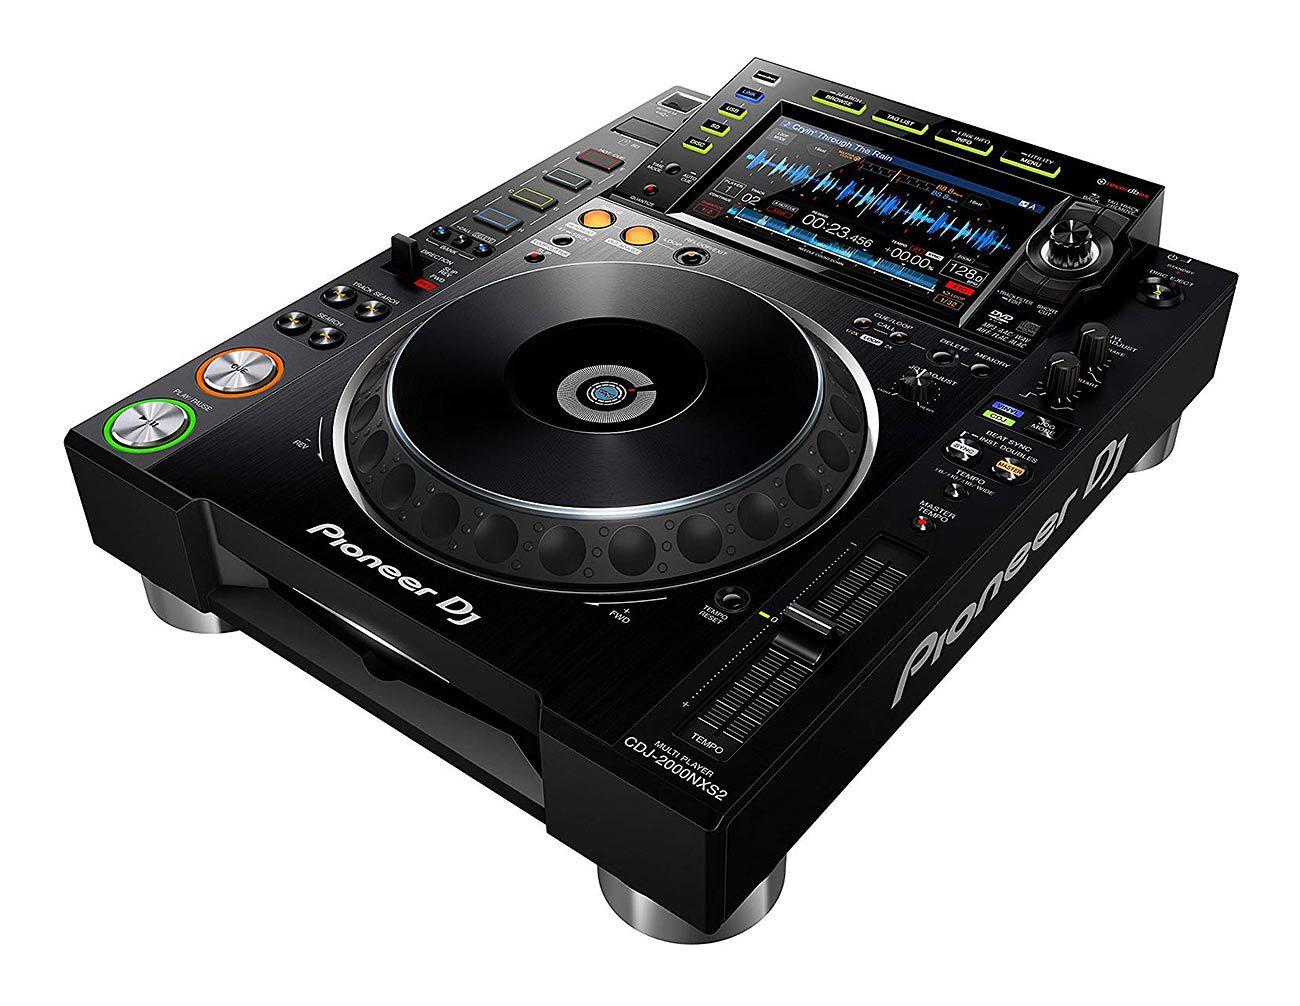 CDJ Pioneer CDJ-2000 NXS2